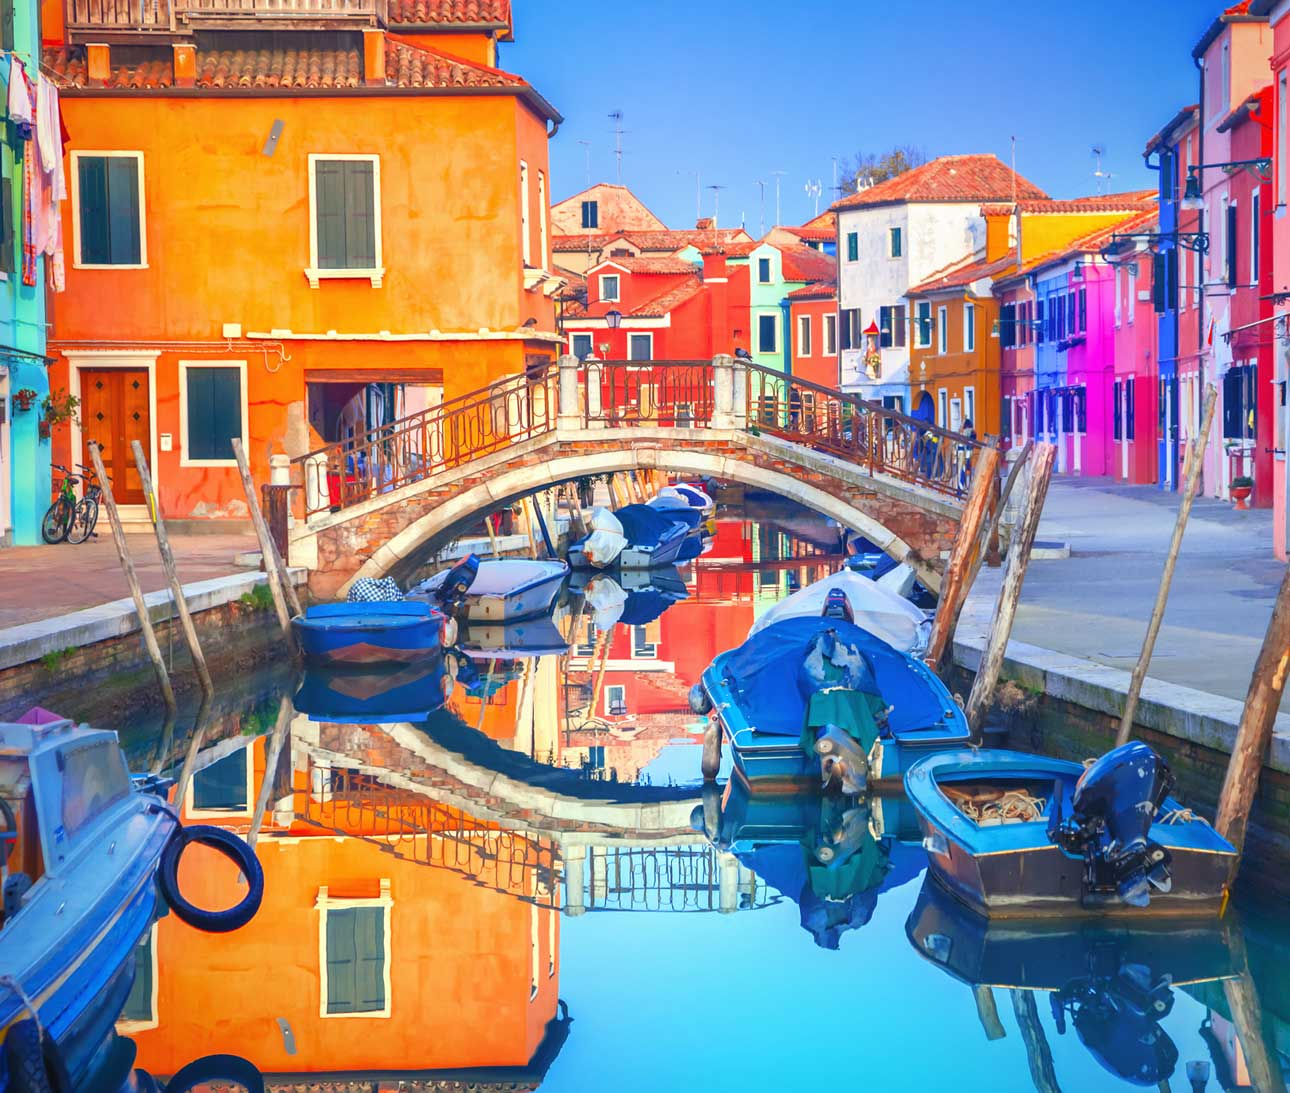 Islands of Venice